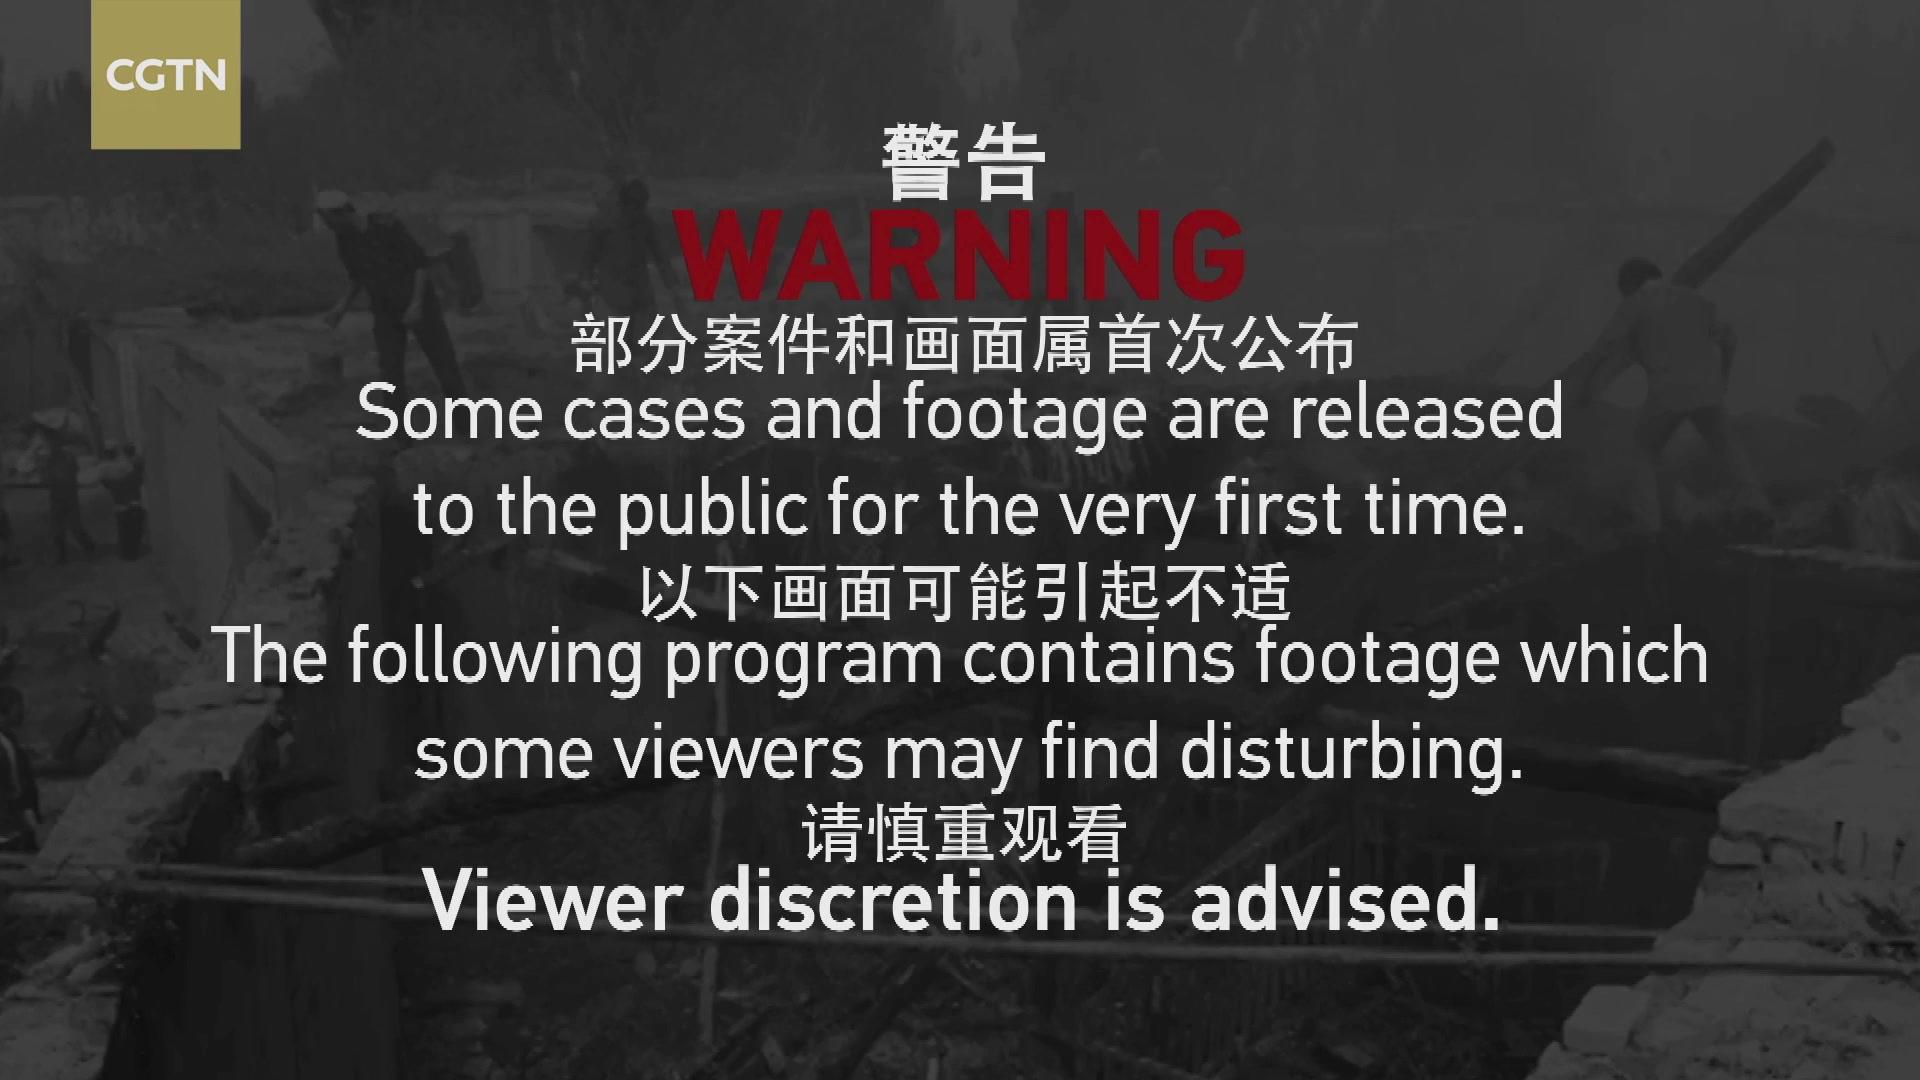 社会资讯_【双语】CGTN大尺度披露中国新疆反恐形势,首次公布大量恐袭 ...